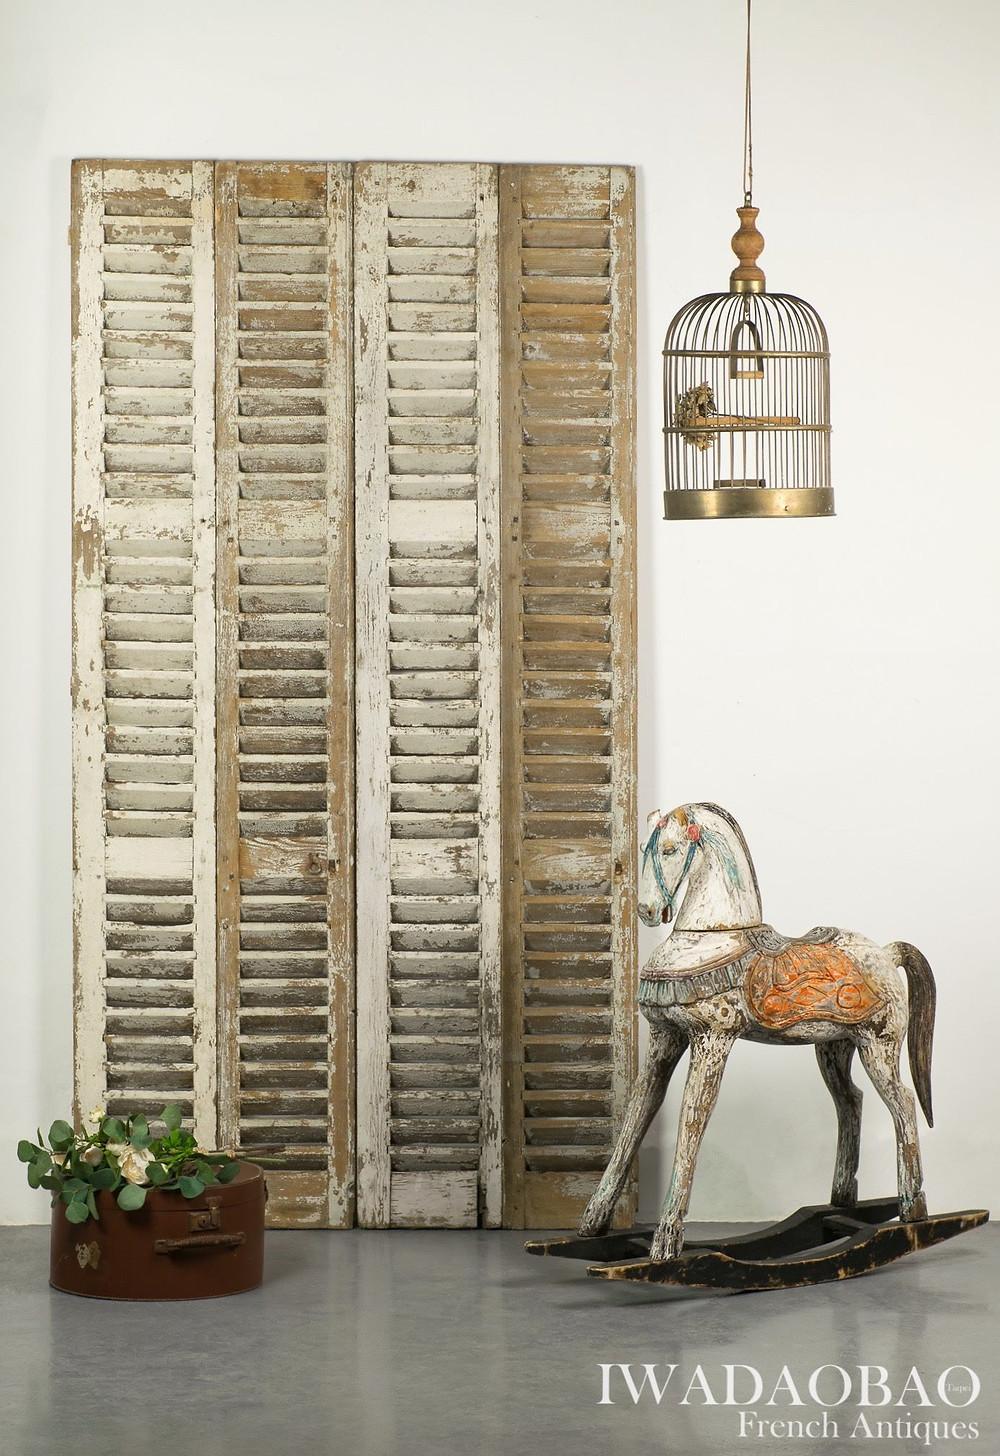 精緻、獨特的法國古董傢俱